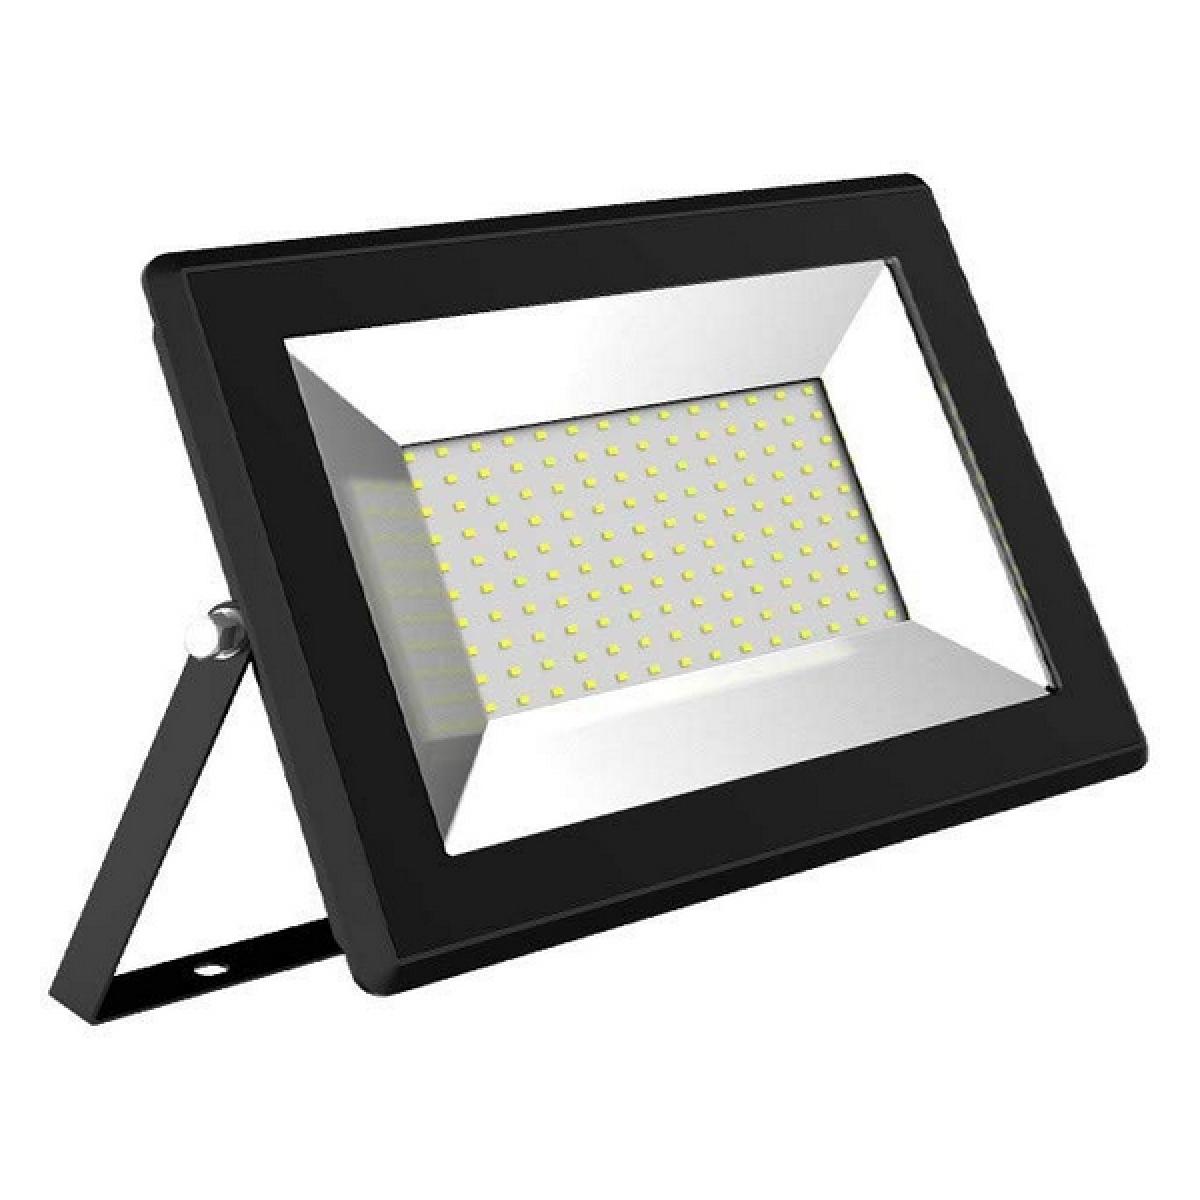 Unknown Projecteur LED Ledkia Solid (10 uds) A+ 10W 1000 Lm (Blanc neutre 4000K)